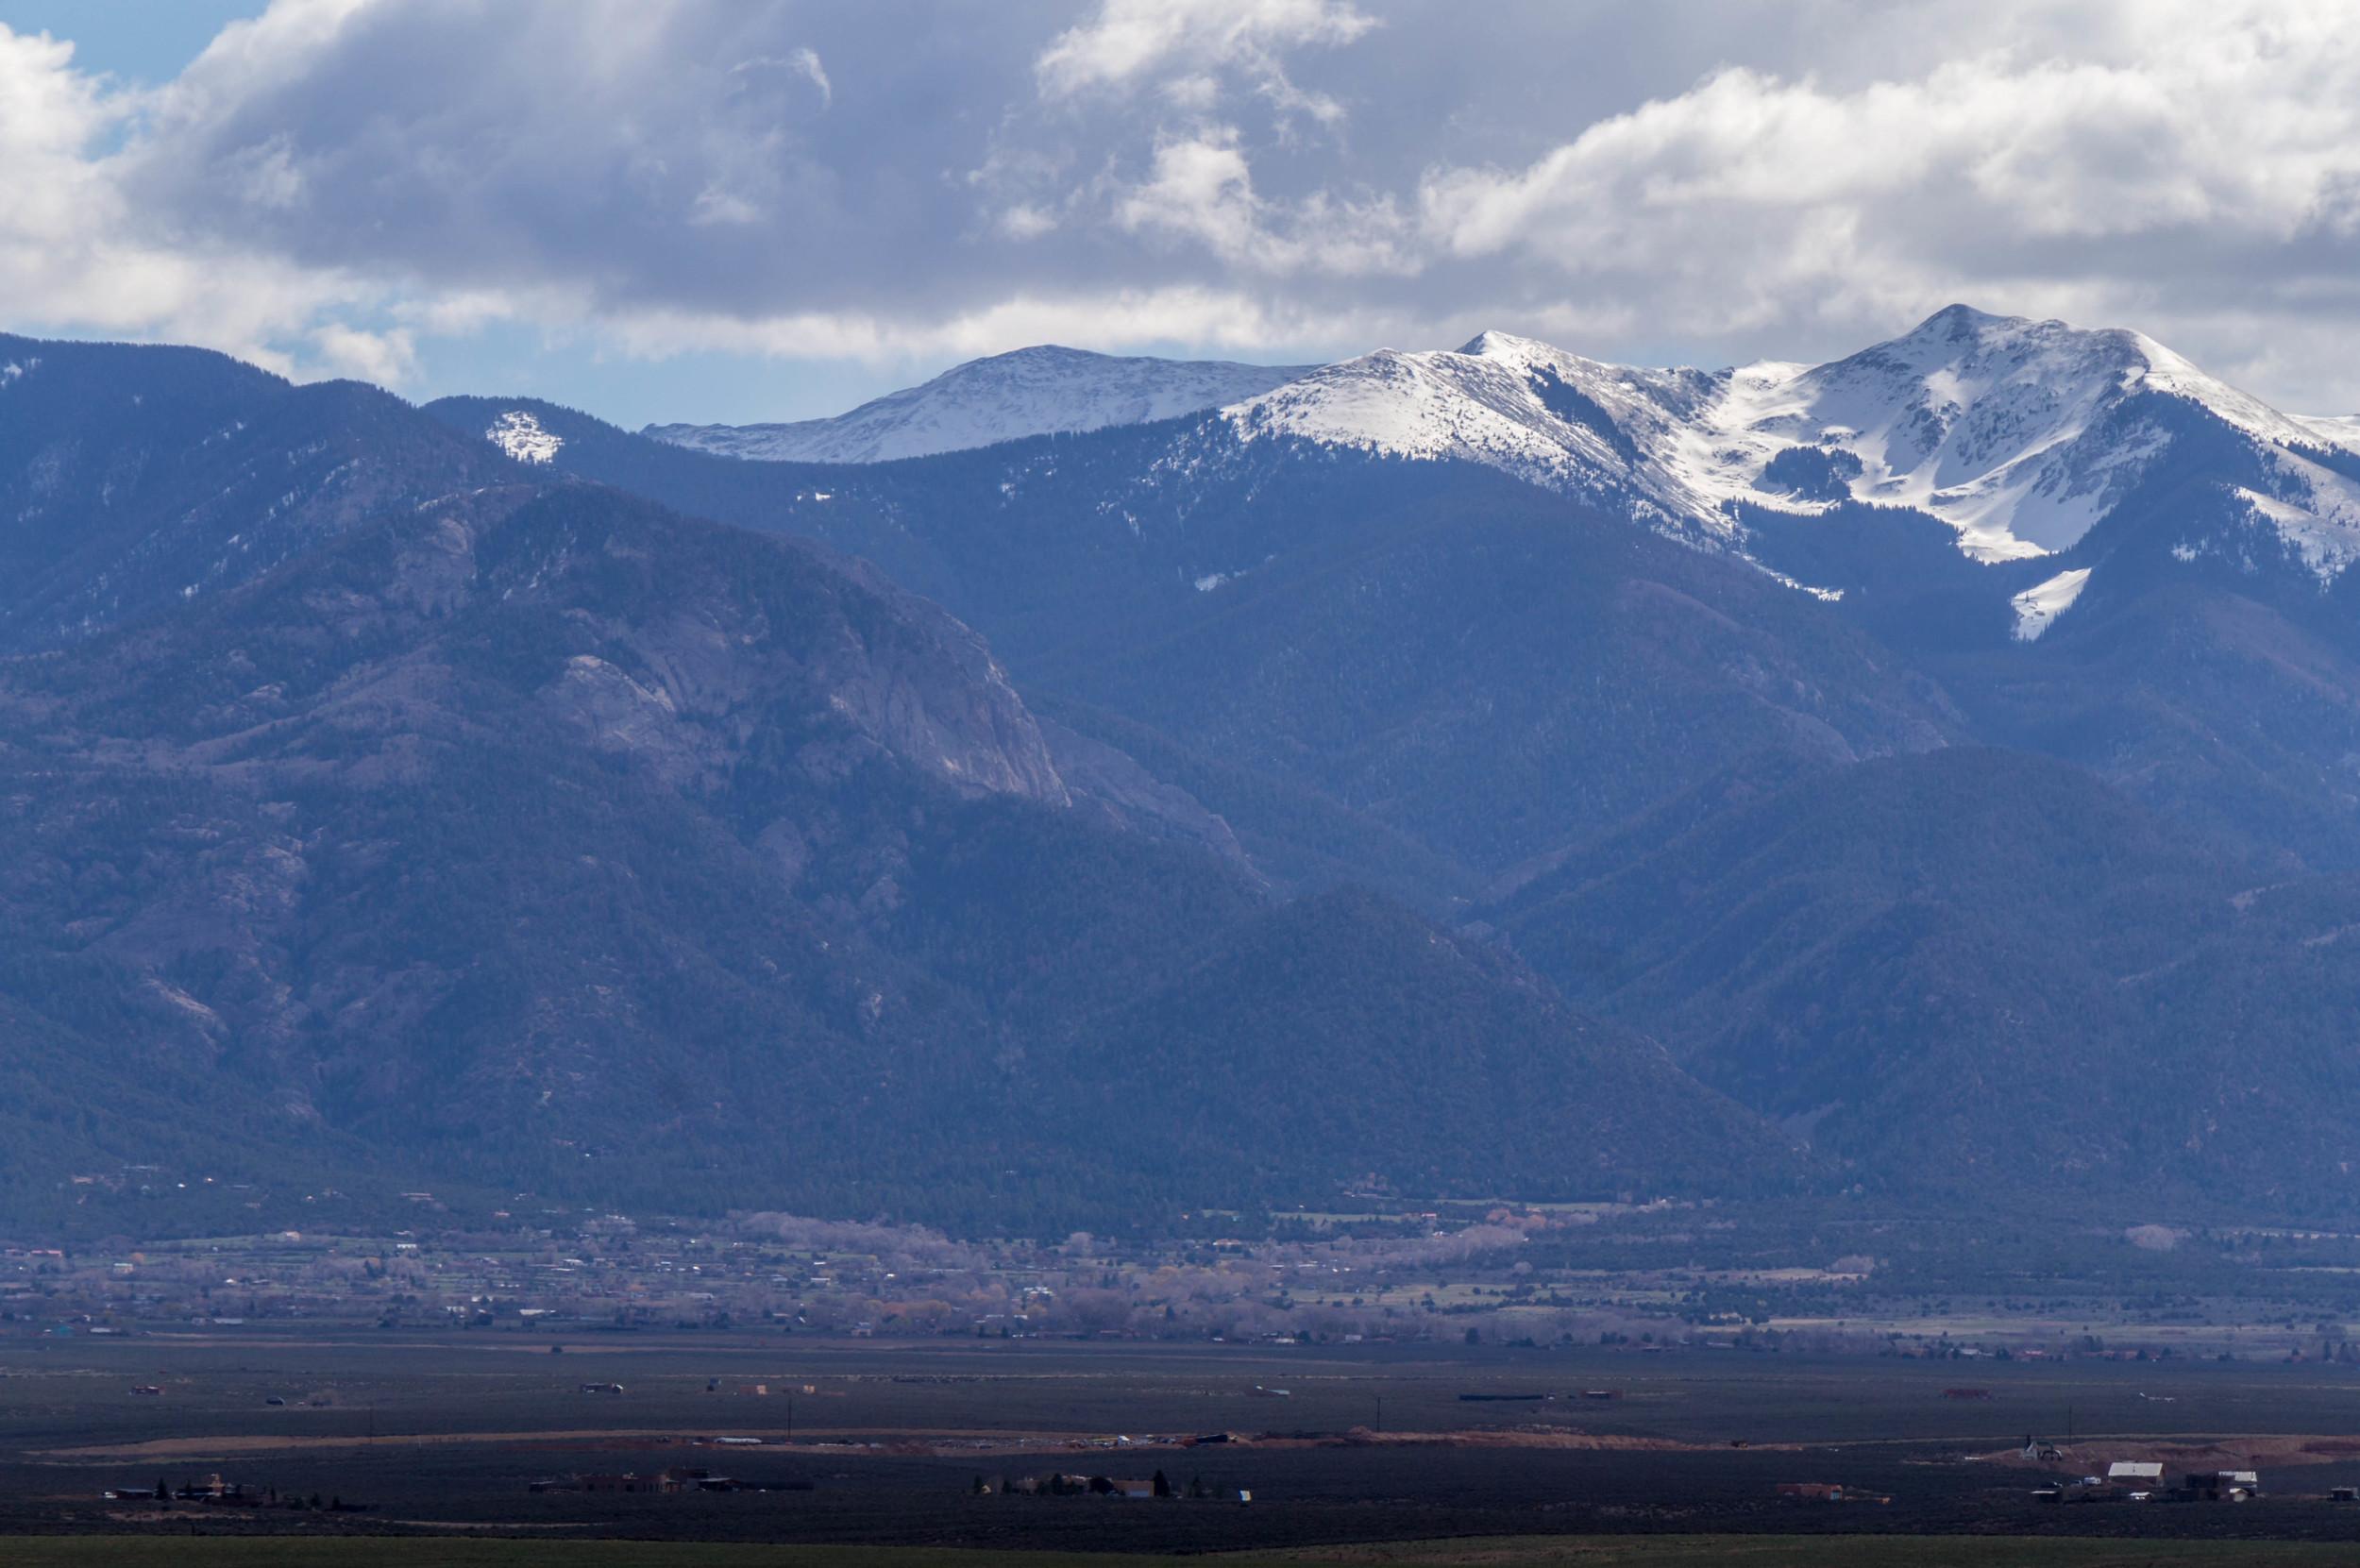 Taos at the base.